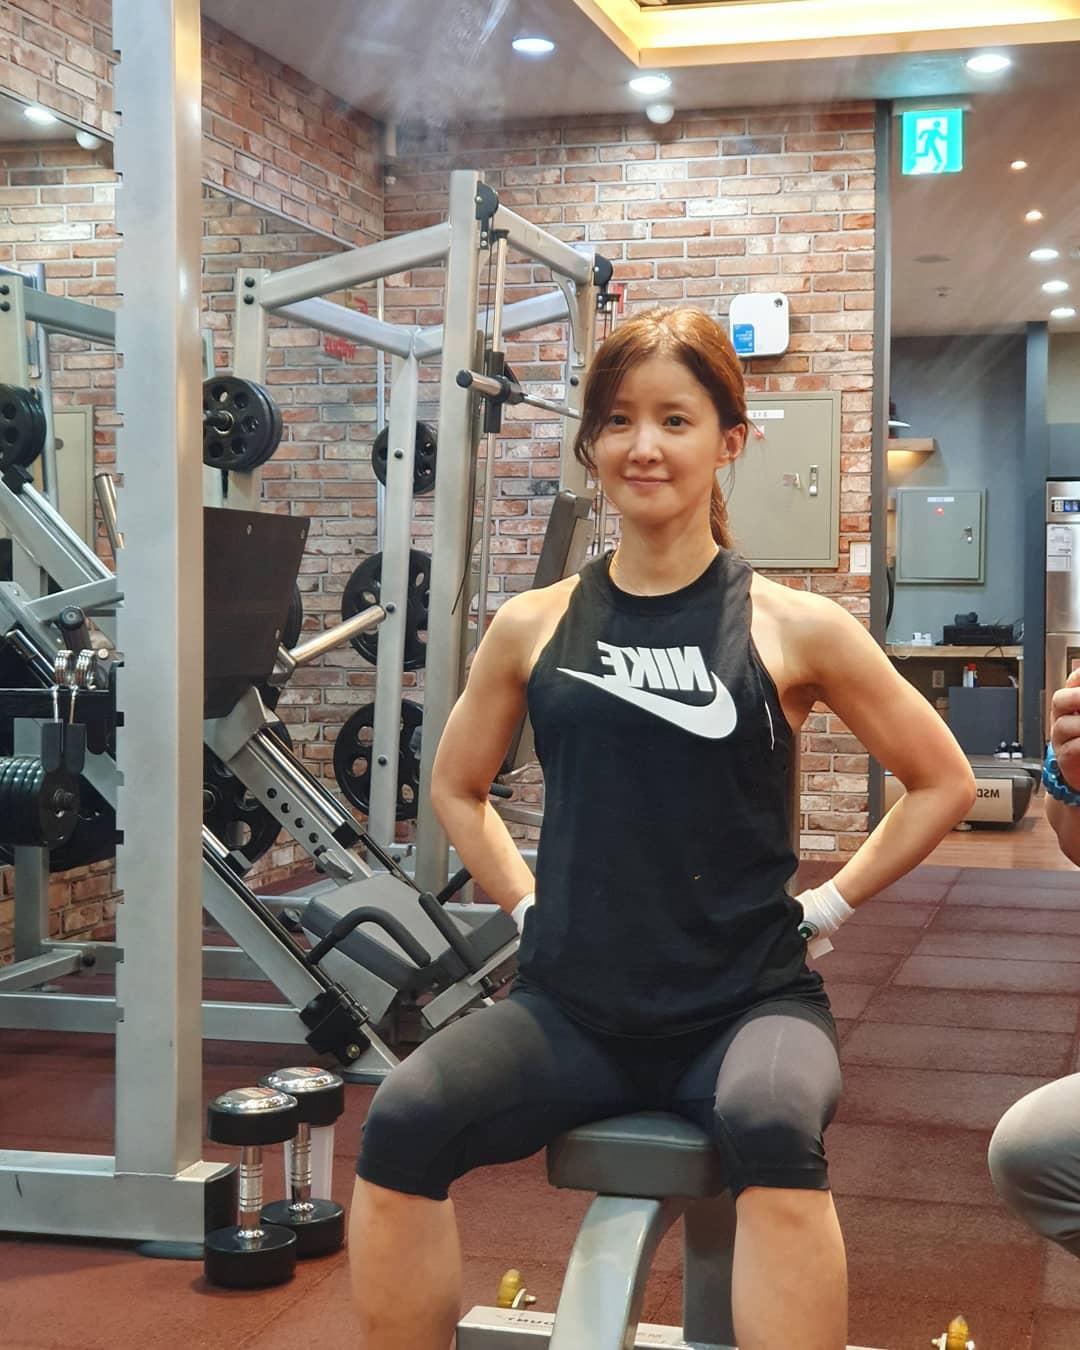 leesiyoung